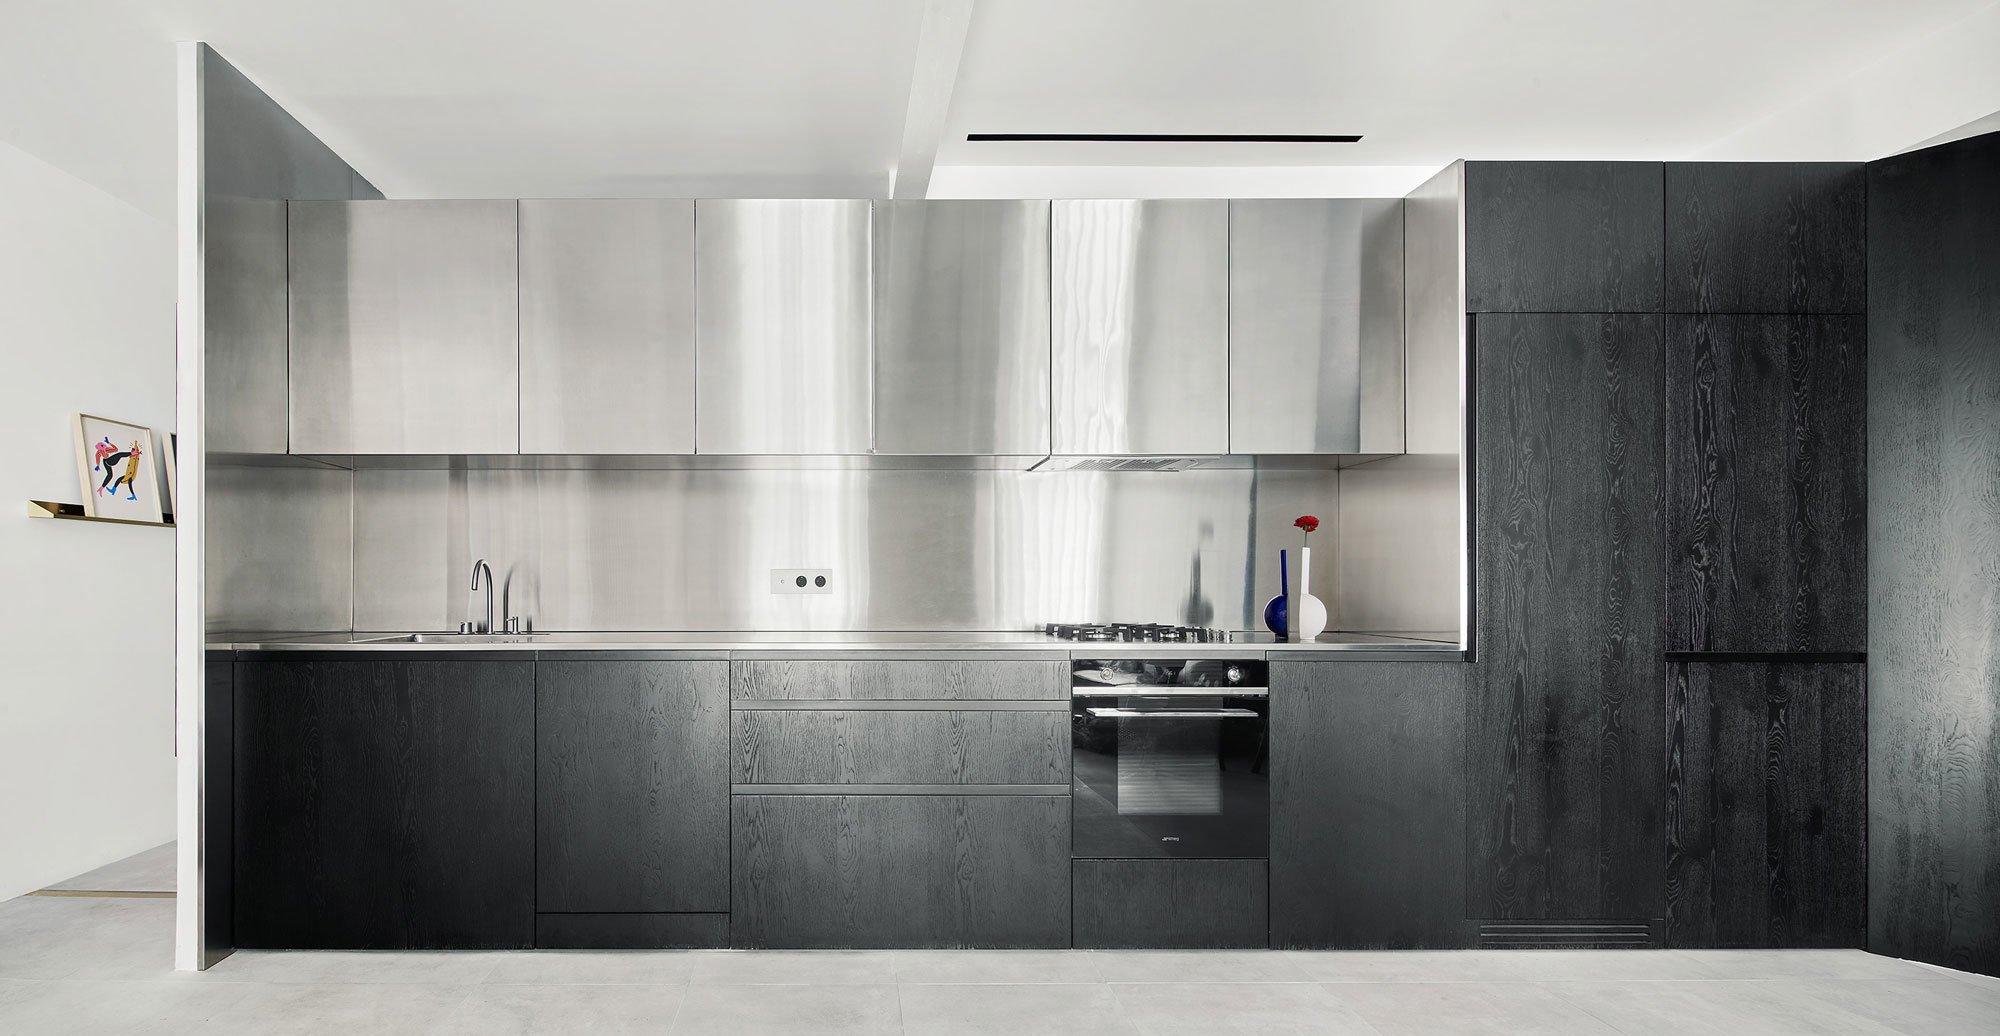 Die unteren Fronten der Küche sindmit offenporigen, schwarz gestrichenen Eichenholzpaneelen verkleidet. Für die darüber liegenden Schranktüren sowie die Rückwand wird Edelstahl verwendet.